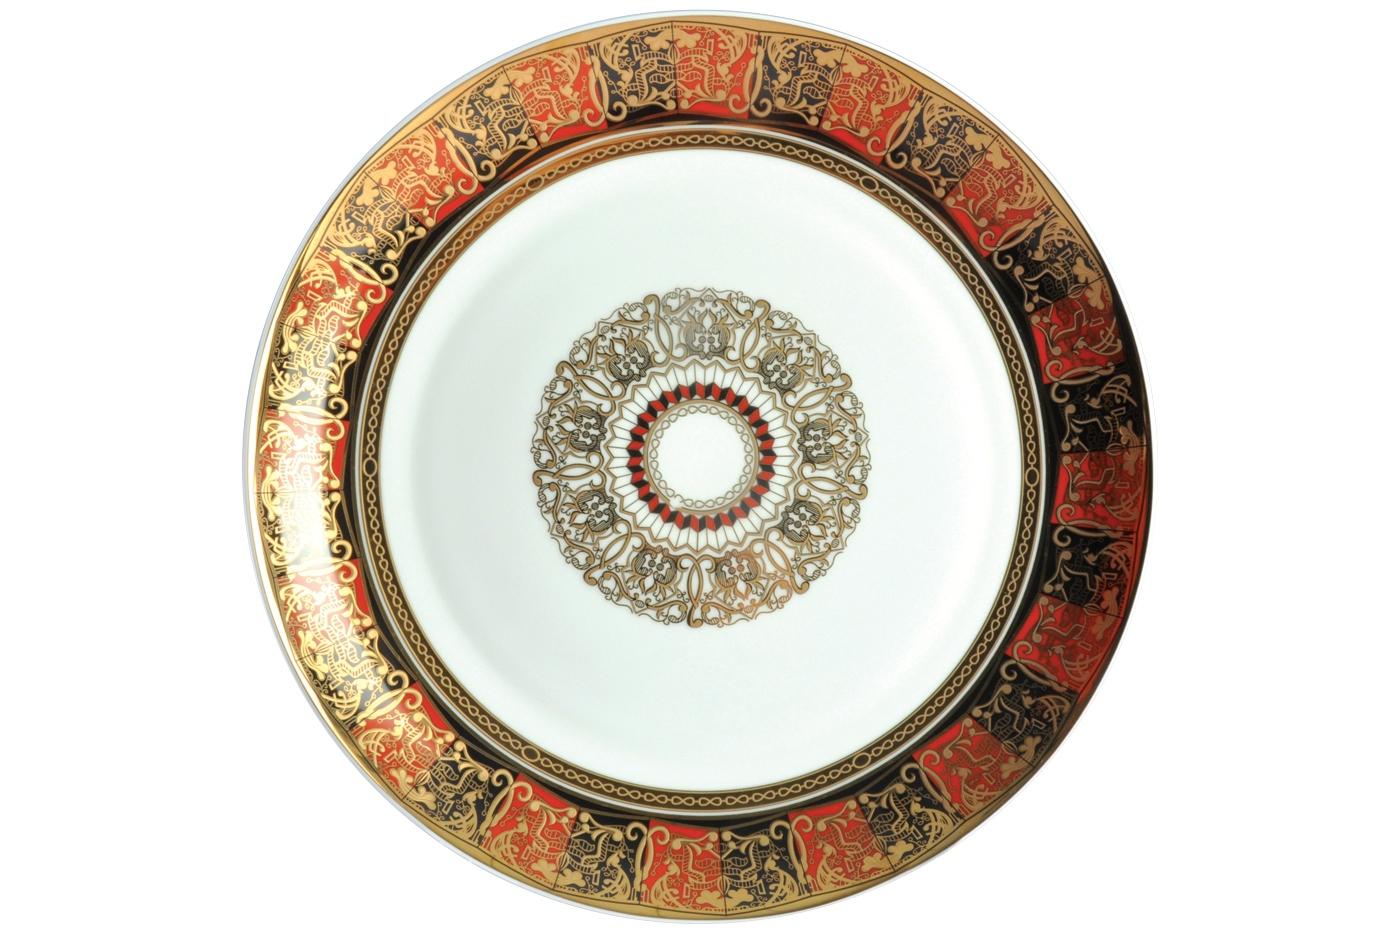 Набор из 6 тарелок Royal Aurel Дерби (25см) арт.626Наборы тарелок<br>Набор из 6 тарелок Royal Aurel Дерби (25см) арт.626<br>Производить посуду из фарфора начали в Китае на стыке 6-7 веков. Неустанно совершенствуя и селективно отбирая сырье для производства посуды из фарфора, мастерам удалось добиться выдающихся характеристик фарфора: белизны и тонкостенности. В XV веке появился особый интерес к китайской фарфоровой посуде, так как в это время Европе возникла мода на самобытные китайские вещи. Роскошный китайский фарфор являлся изыском и был в новинку, поэтому он выступал в качестве подарка королям, а также знатным людям. Такой дорогой подарок был очень престижен и по праву являлся элитной посудой. Как известно из многочисленных исторических документов, в Европе китайские изделия из фарфора ценились практически как золото. <br>Проверка изделий из костяного фарфора на подлинность <br>По сравнению с производством других видов фарфора процесс производства изделий из настоящего костяного фарфора сложен и весьма длителен. Посуда из изящного фарфора - это элитная посуда, которая всегда ассоциируется с богатством, величием и благородством. Несмотря на небольшую толщину, фарфоровая посуда - это очень прочное изделие. Для демонстрации плотности и прочности фарфора можно легко коснуться предметов посуды из фарфора деревянной палочкой, и тогда мы услушим характерный металлический звон. В составе фарфоровой посуды присутствует костяная зола, благодаря чему она может быть намного тоньше (не более 2,5 мм) и легче твердого или мягкого фарфора. Безупречная белизна - ключевой признак отличия такого фарфора от других. Цвет обычного фарфора сероватый или ближе к голубоватому, а костяной фарфор будет всегда будет молочно-белого цвета. Характерная и немаловажная деталь - это невесомая прозрачность изделий из фарфора такая, что сквозь него проходит свет.<br>